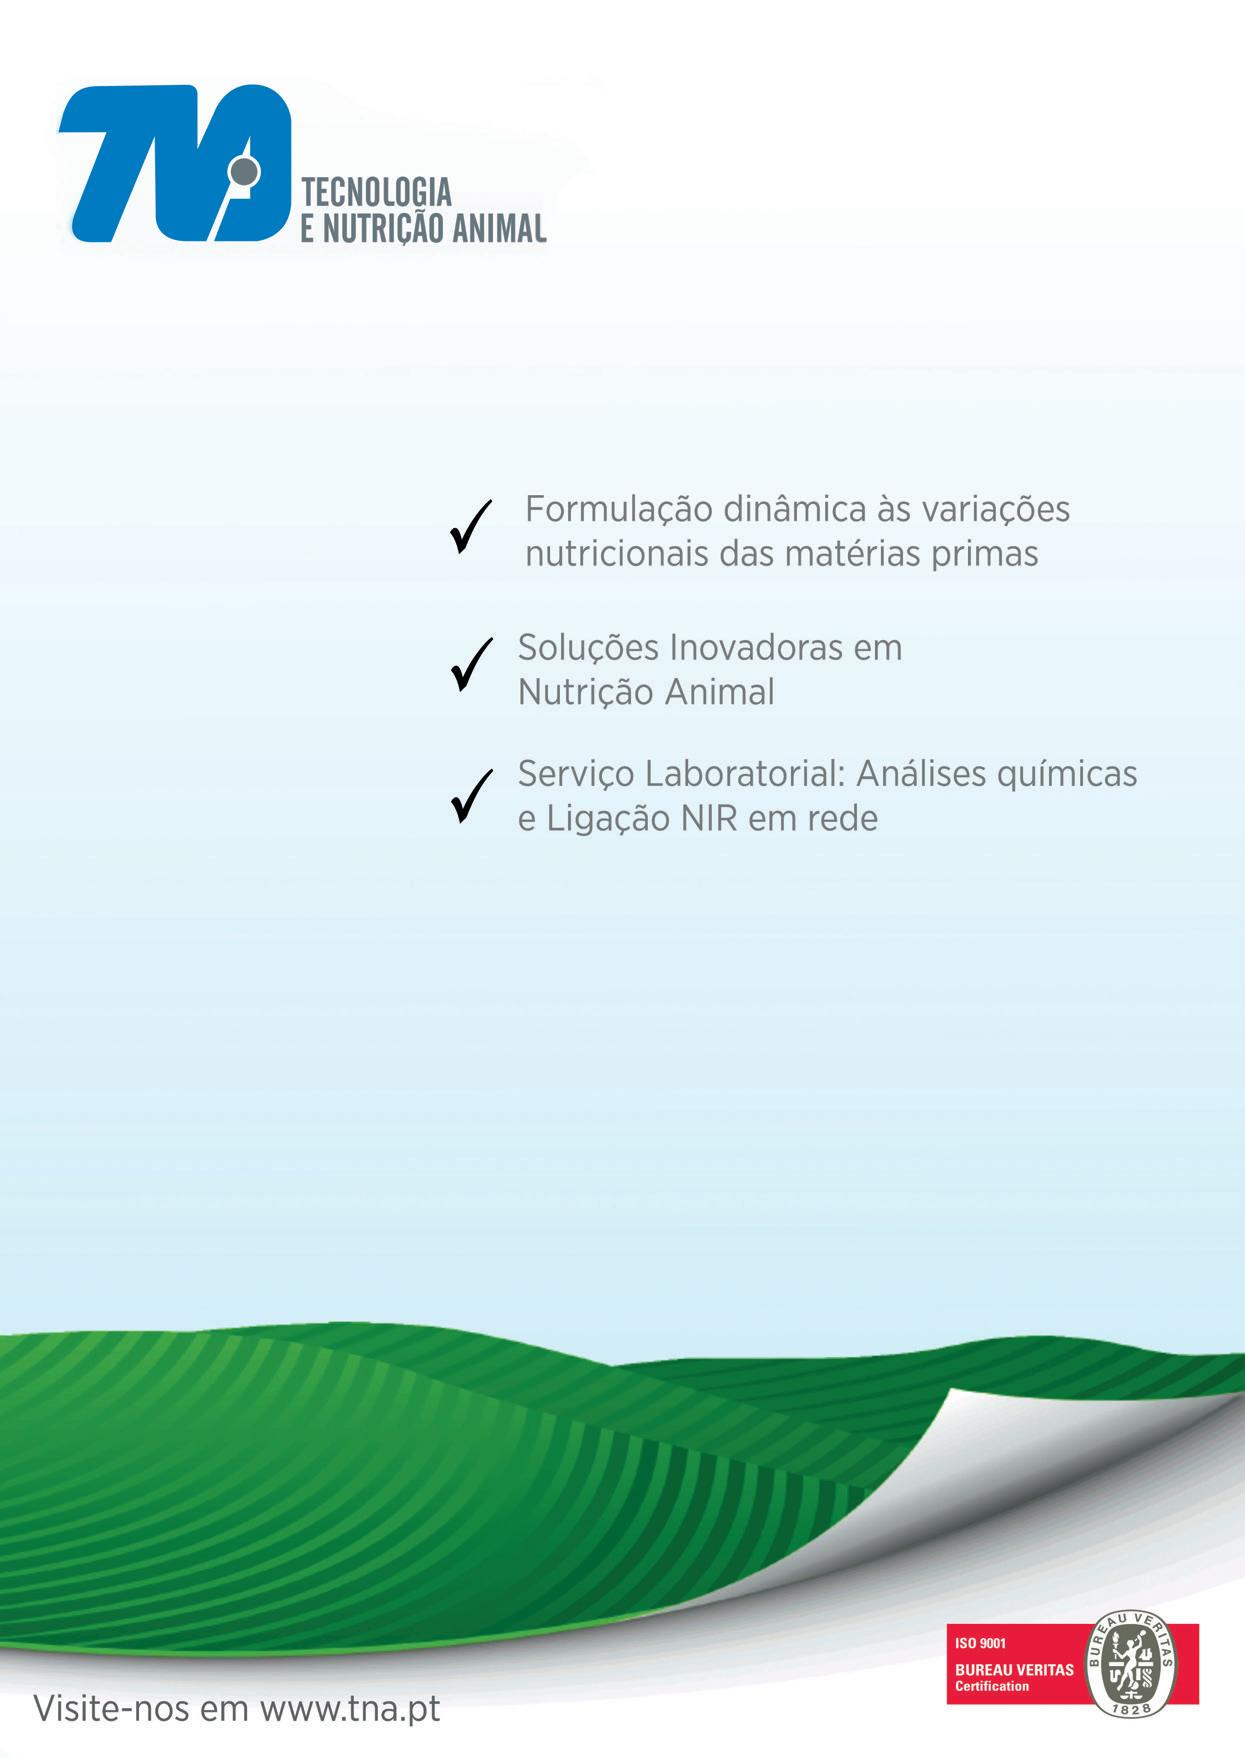 Page 4 of TEMA DE CAPA